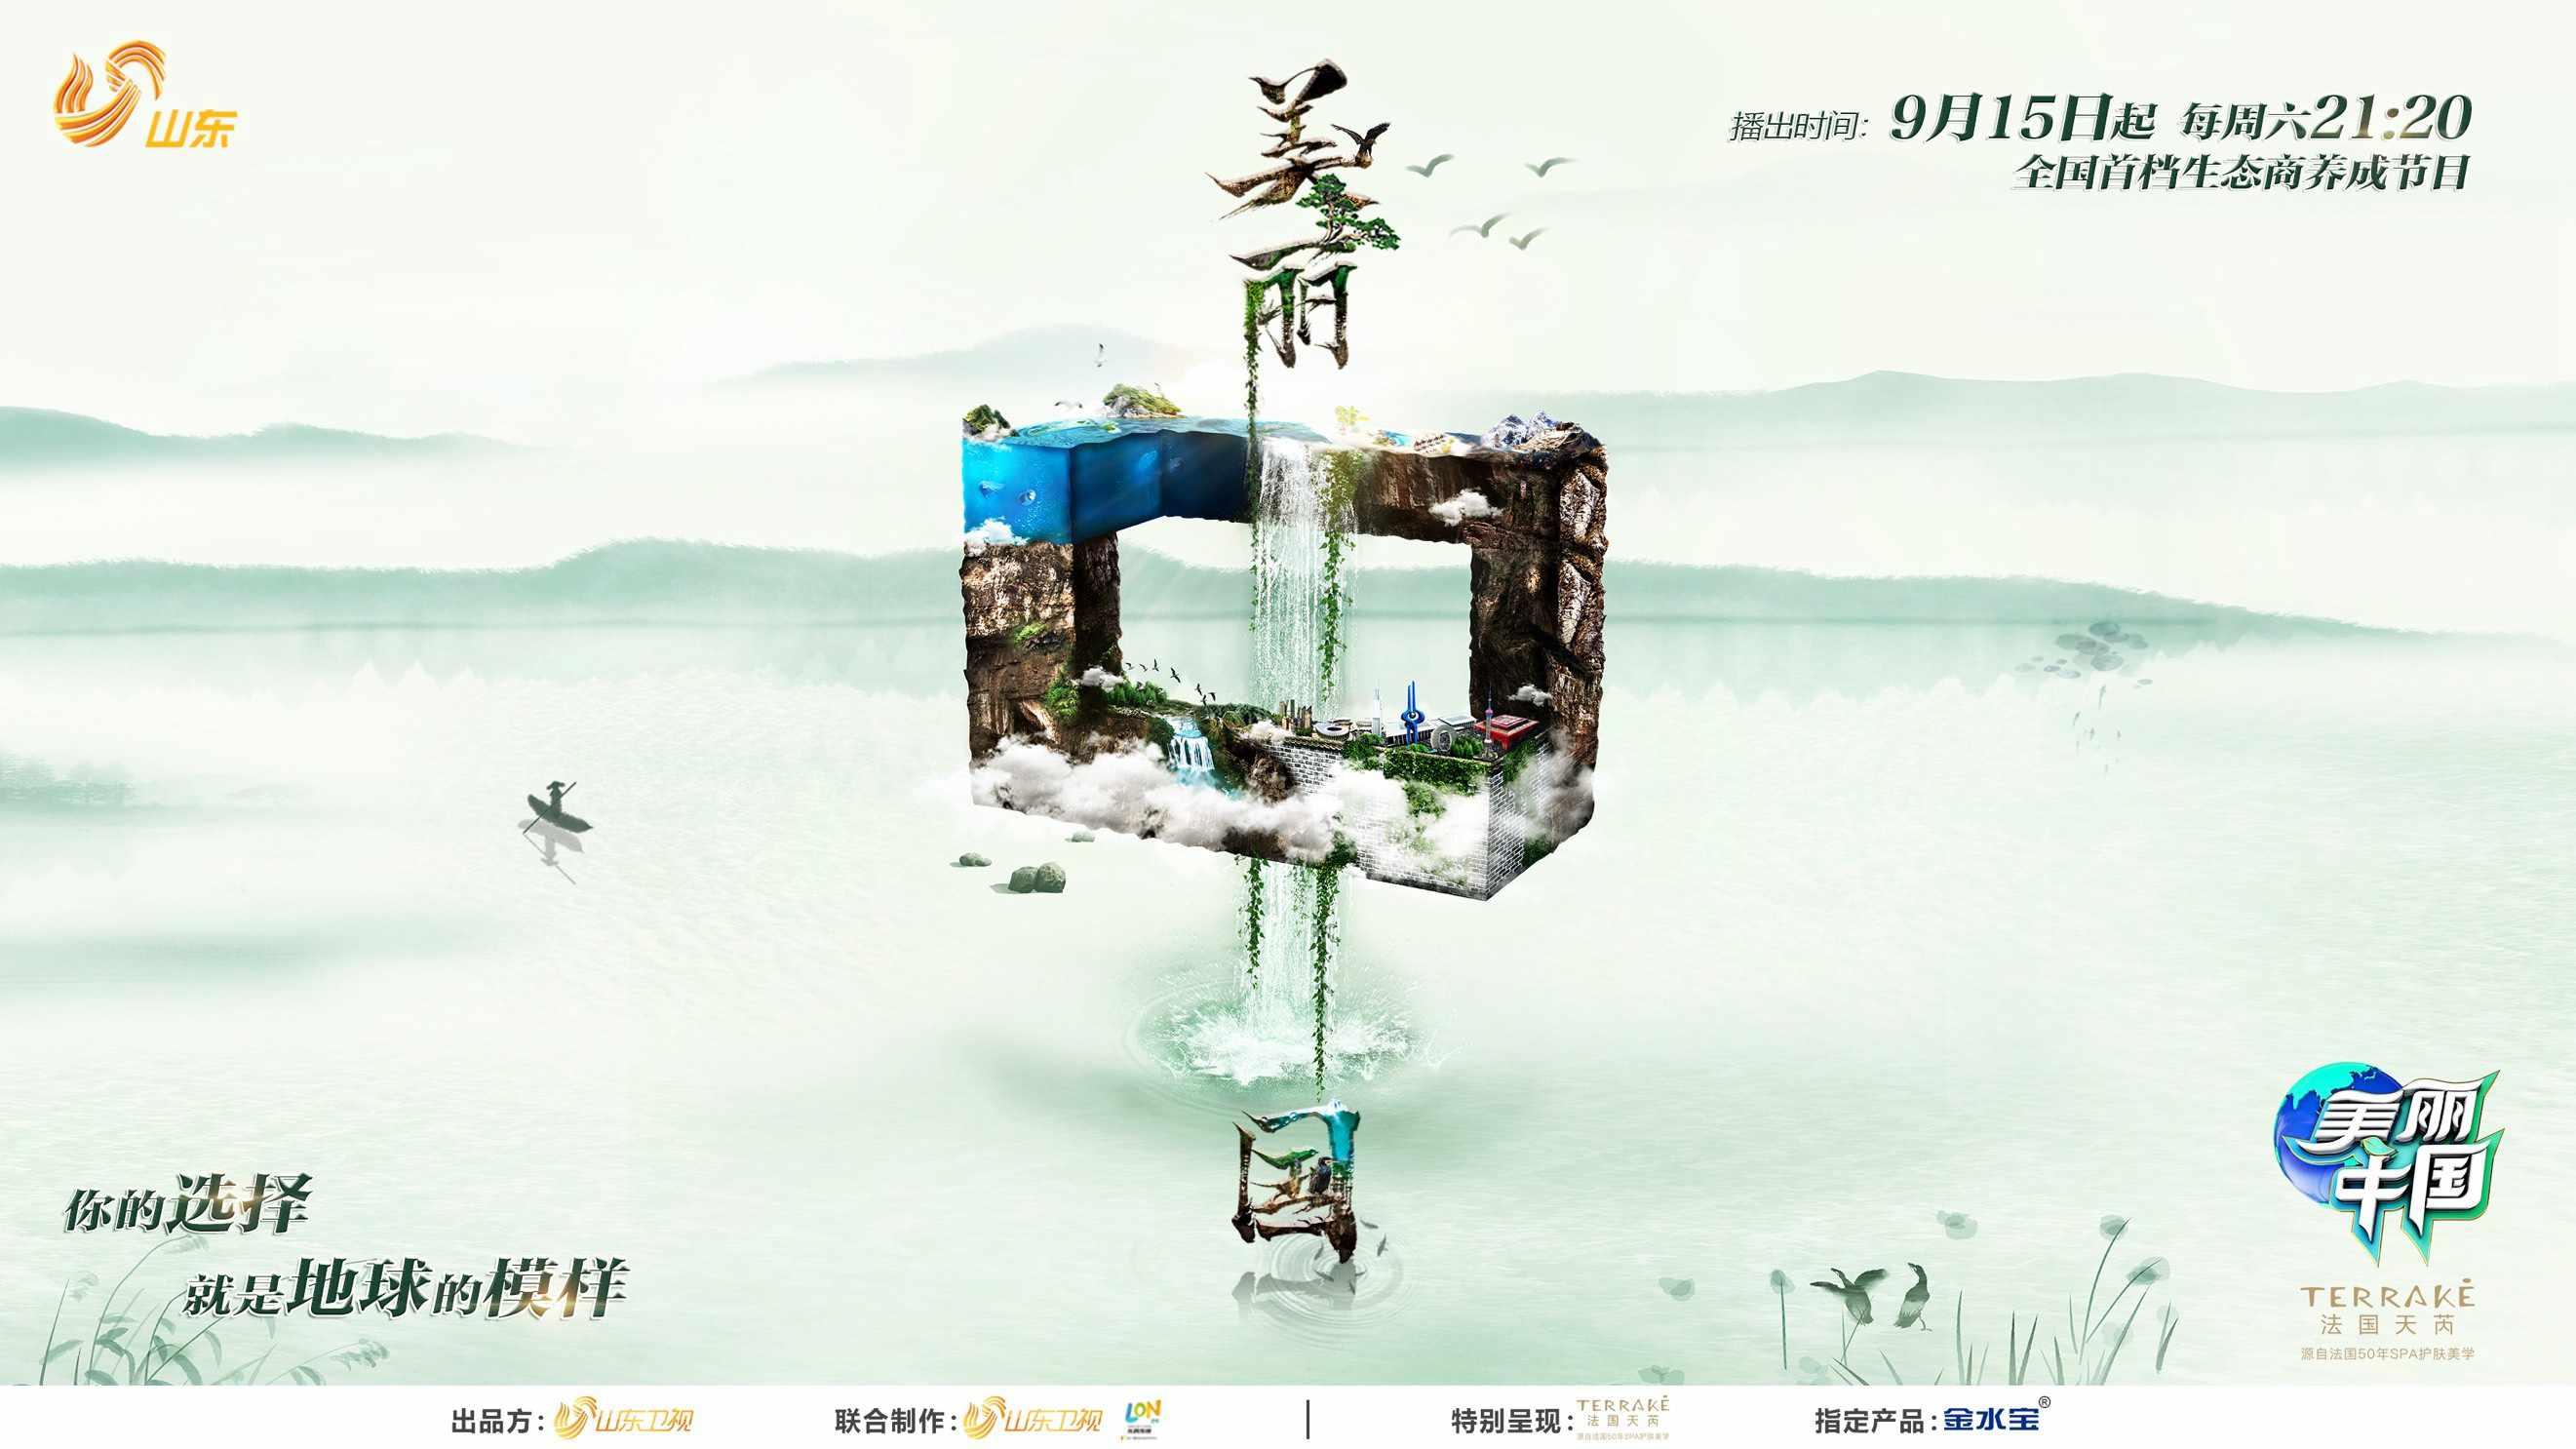 山东卫视全国首档生态商养成节目《美丽中国》主海报.jpg